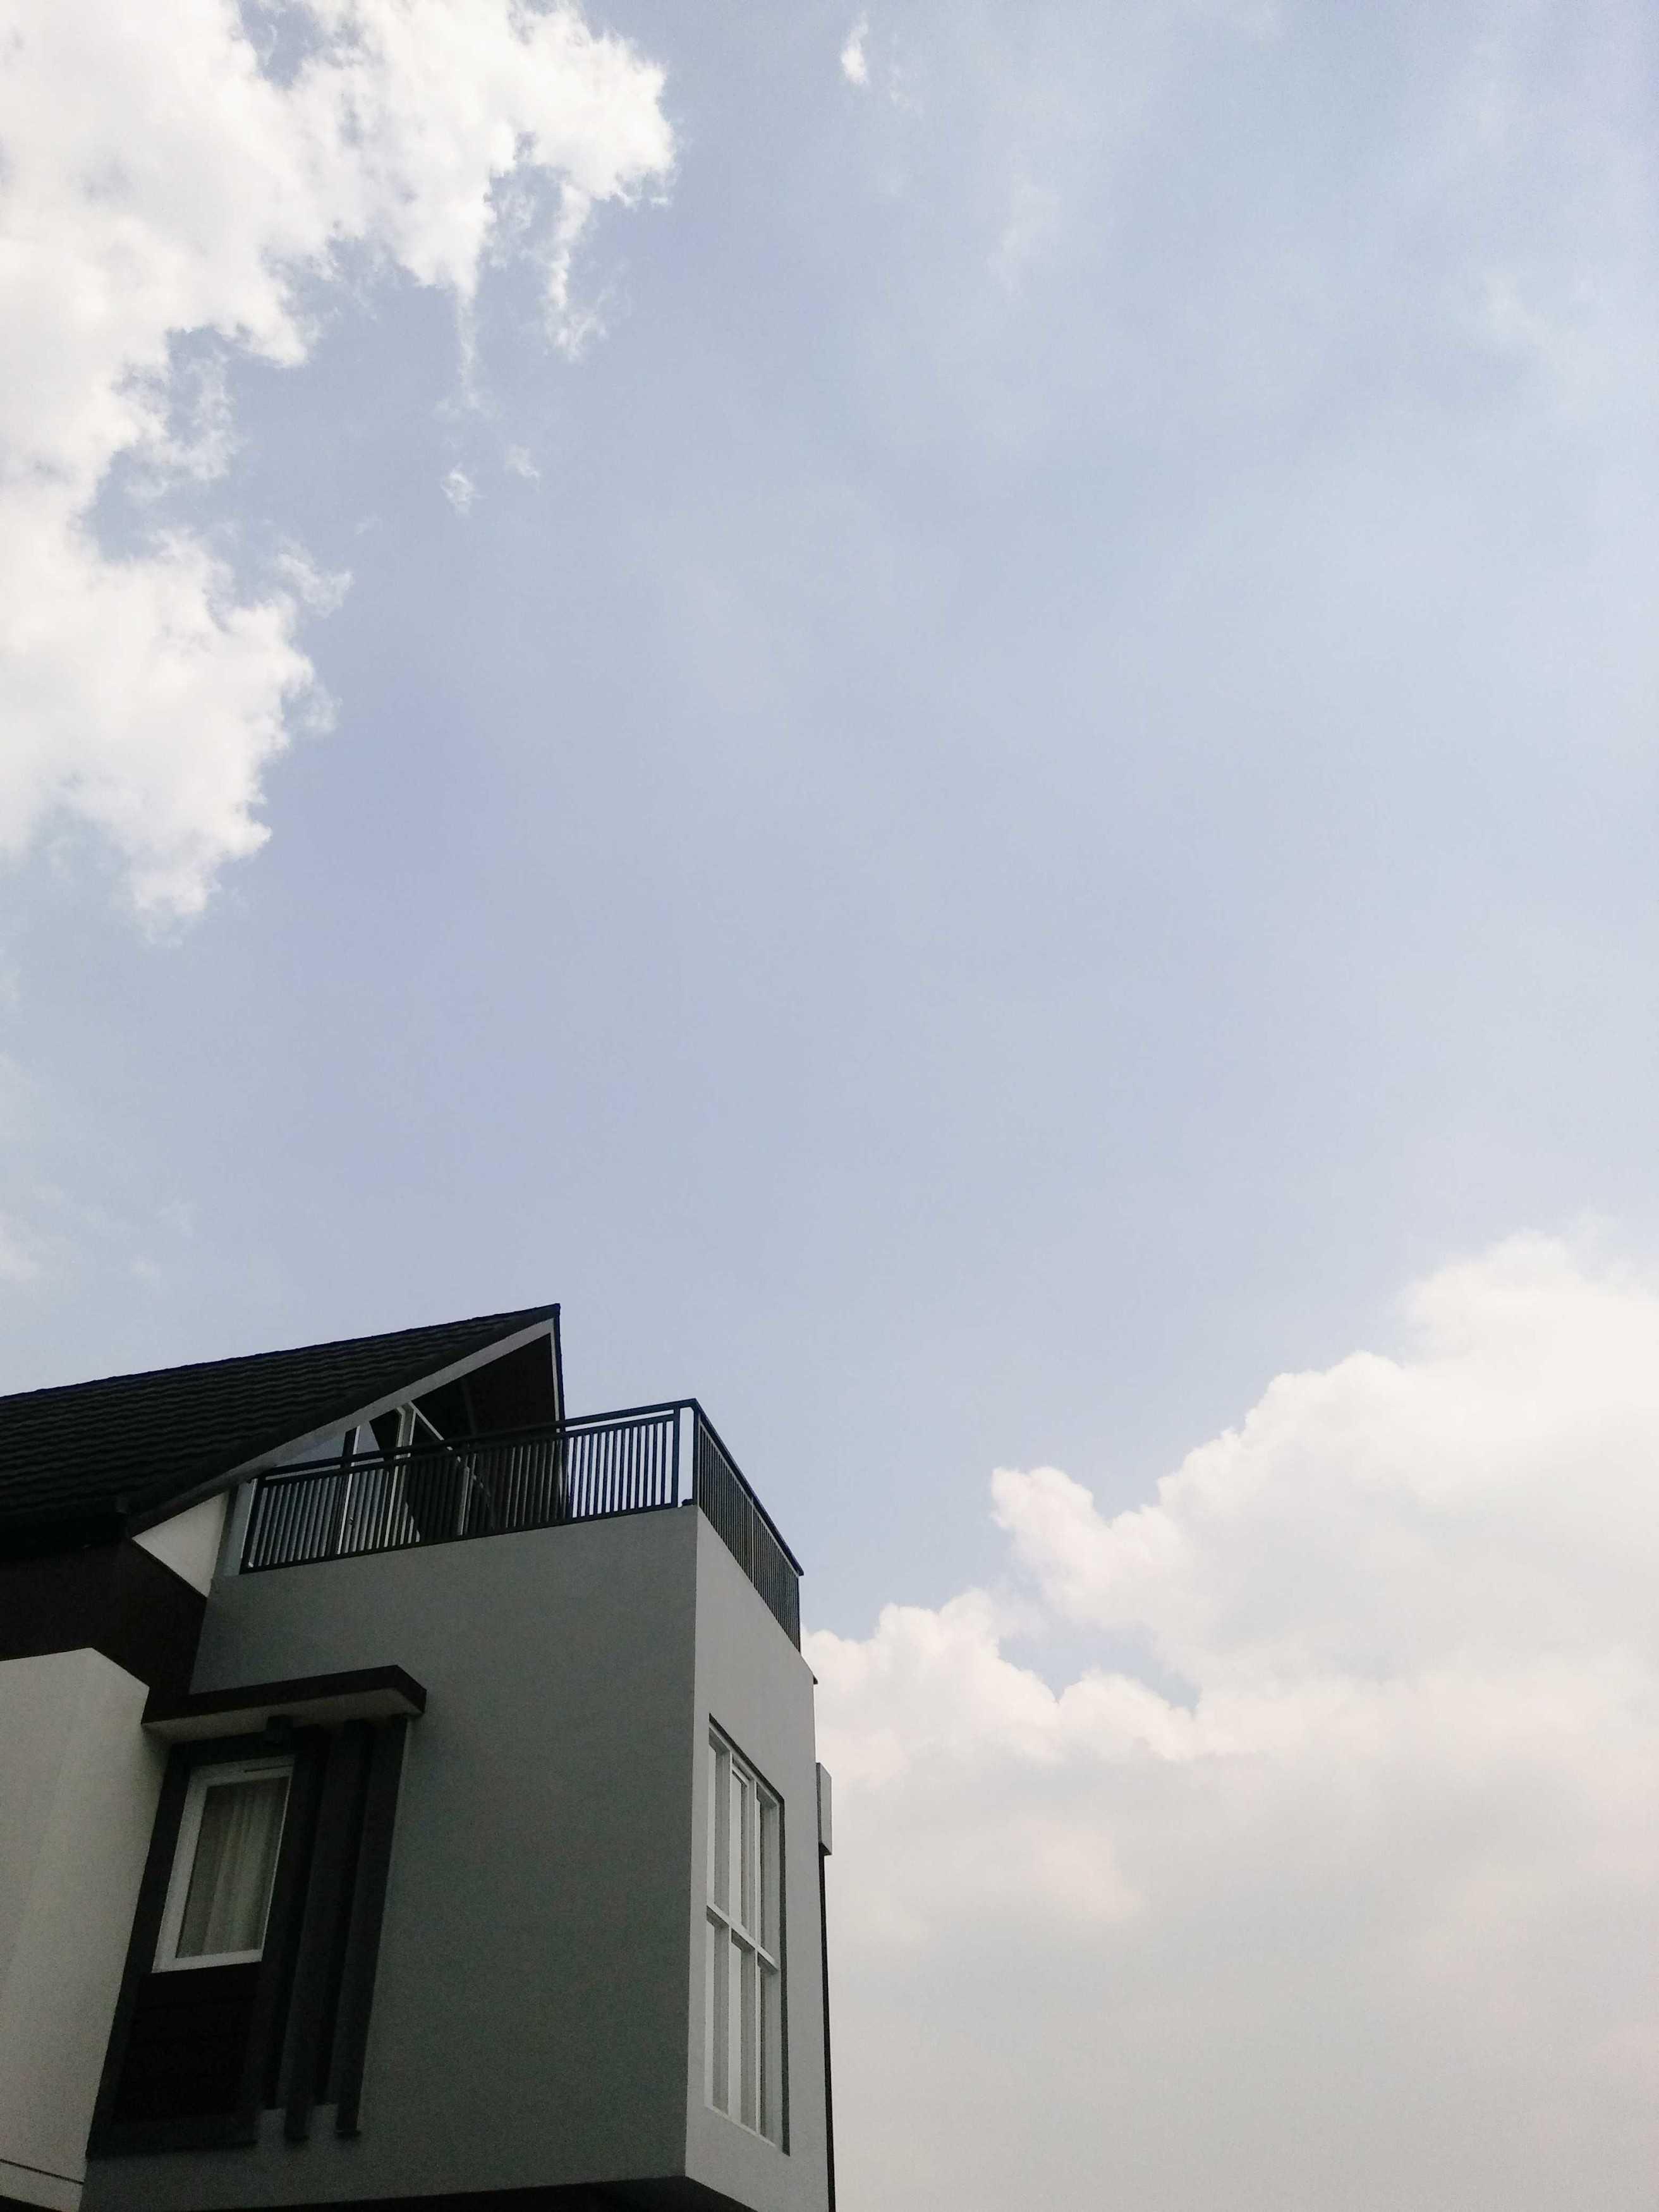 Atelier Ara Rumah Gerlong Bandung, Kota Bandung, Jawa Barat, Indonesia Bandung, Kota Bandung, Jawa Barat, Indonesia Atelier-Ara-Rumah-Gerlong   74327